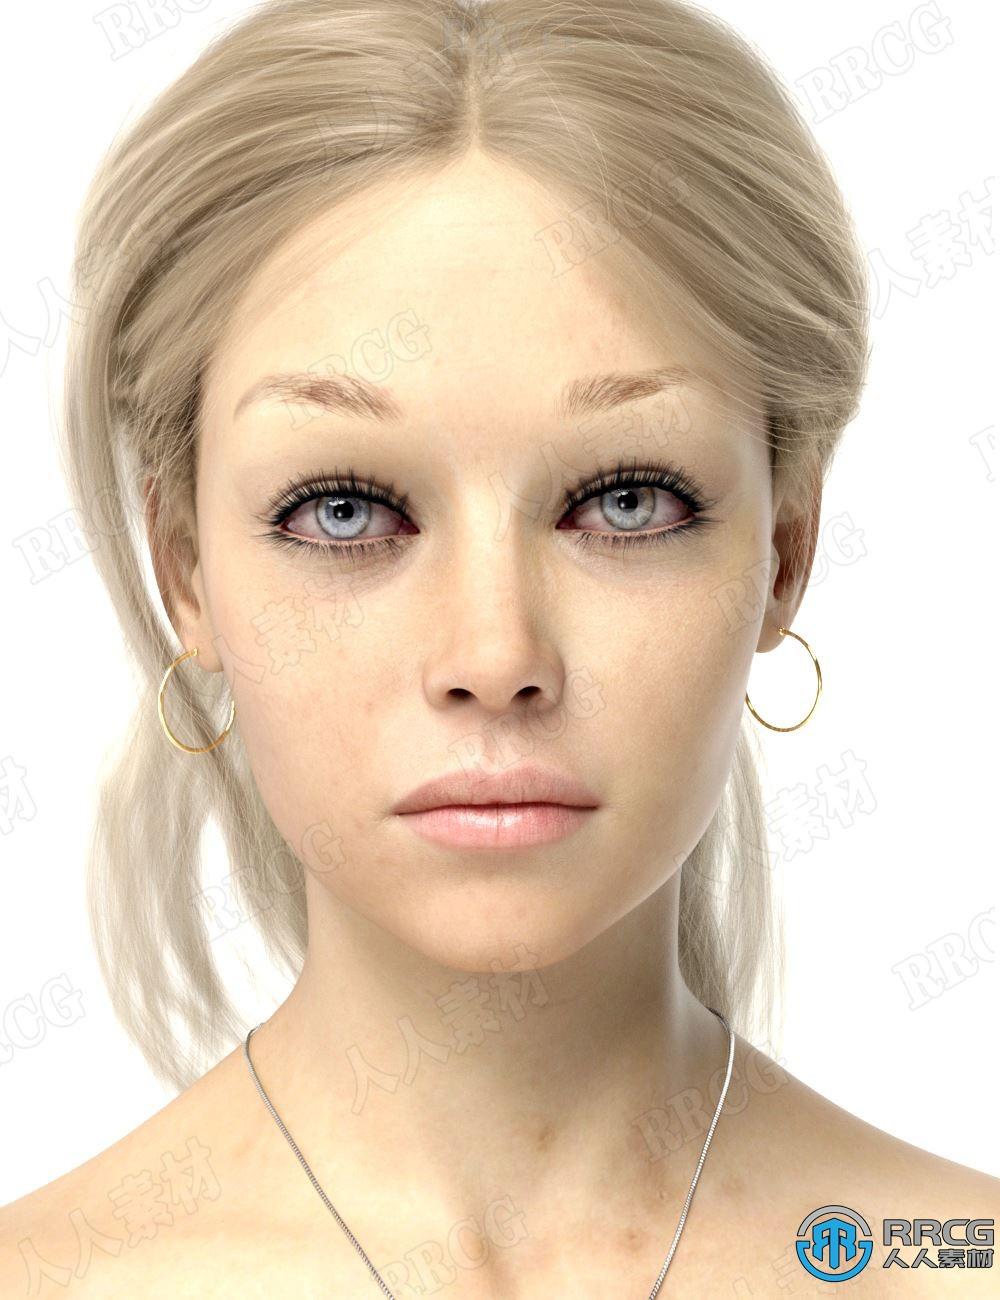 户外活动美丽女性角色3D模型合集